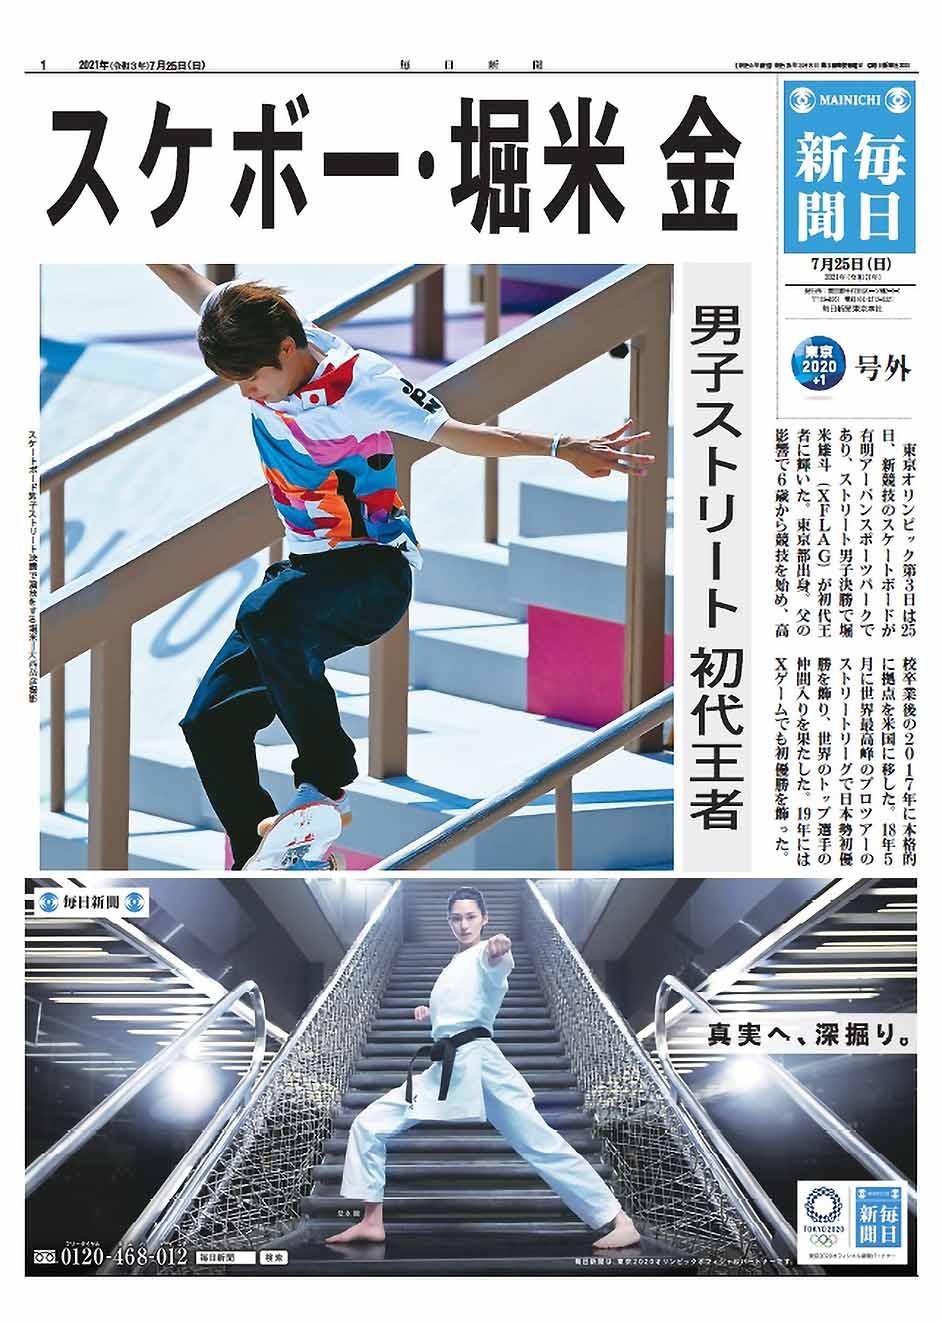 東京オリンピックで日本の選手が金メダルを獲得した